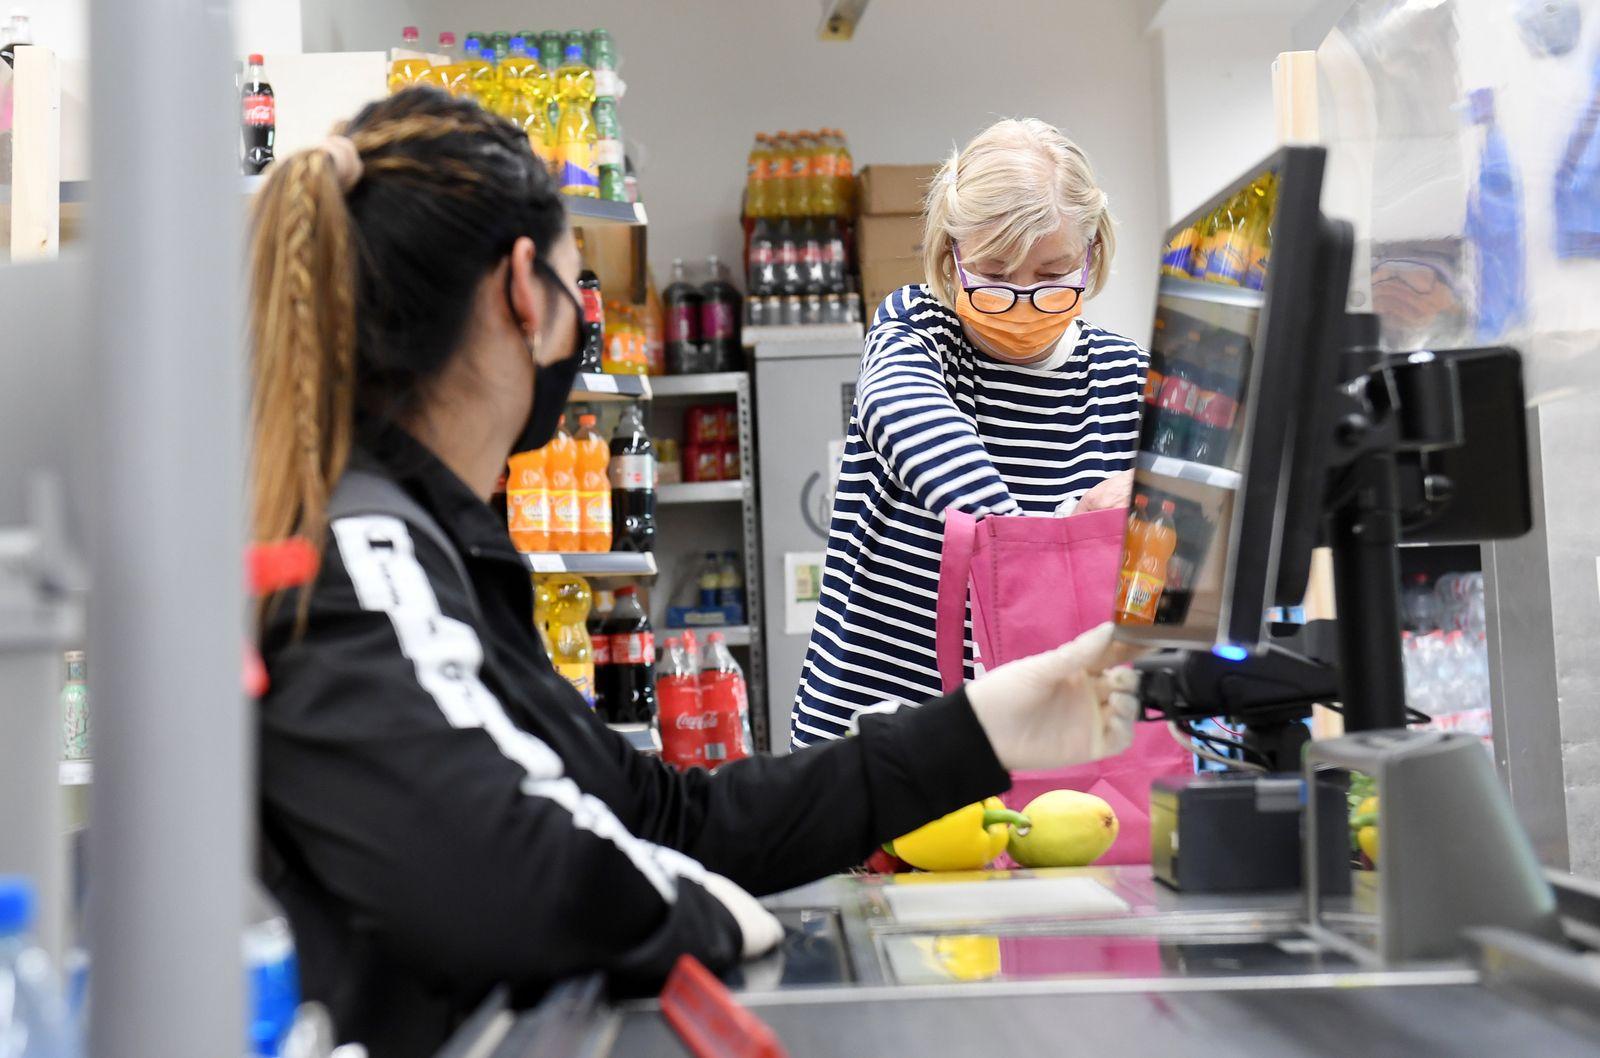 Steigende Infektionszahlen verunsichern Verbraucher